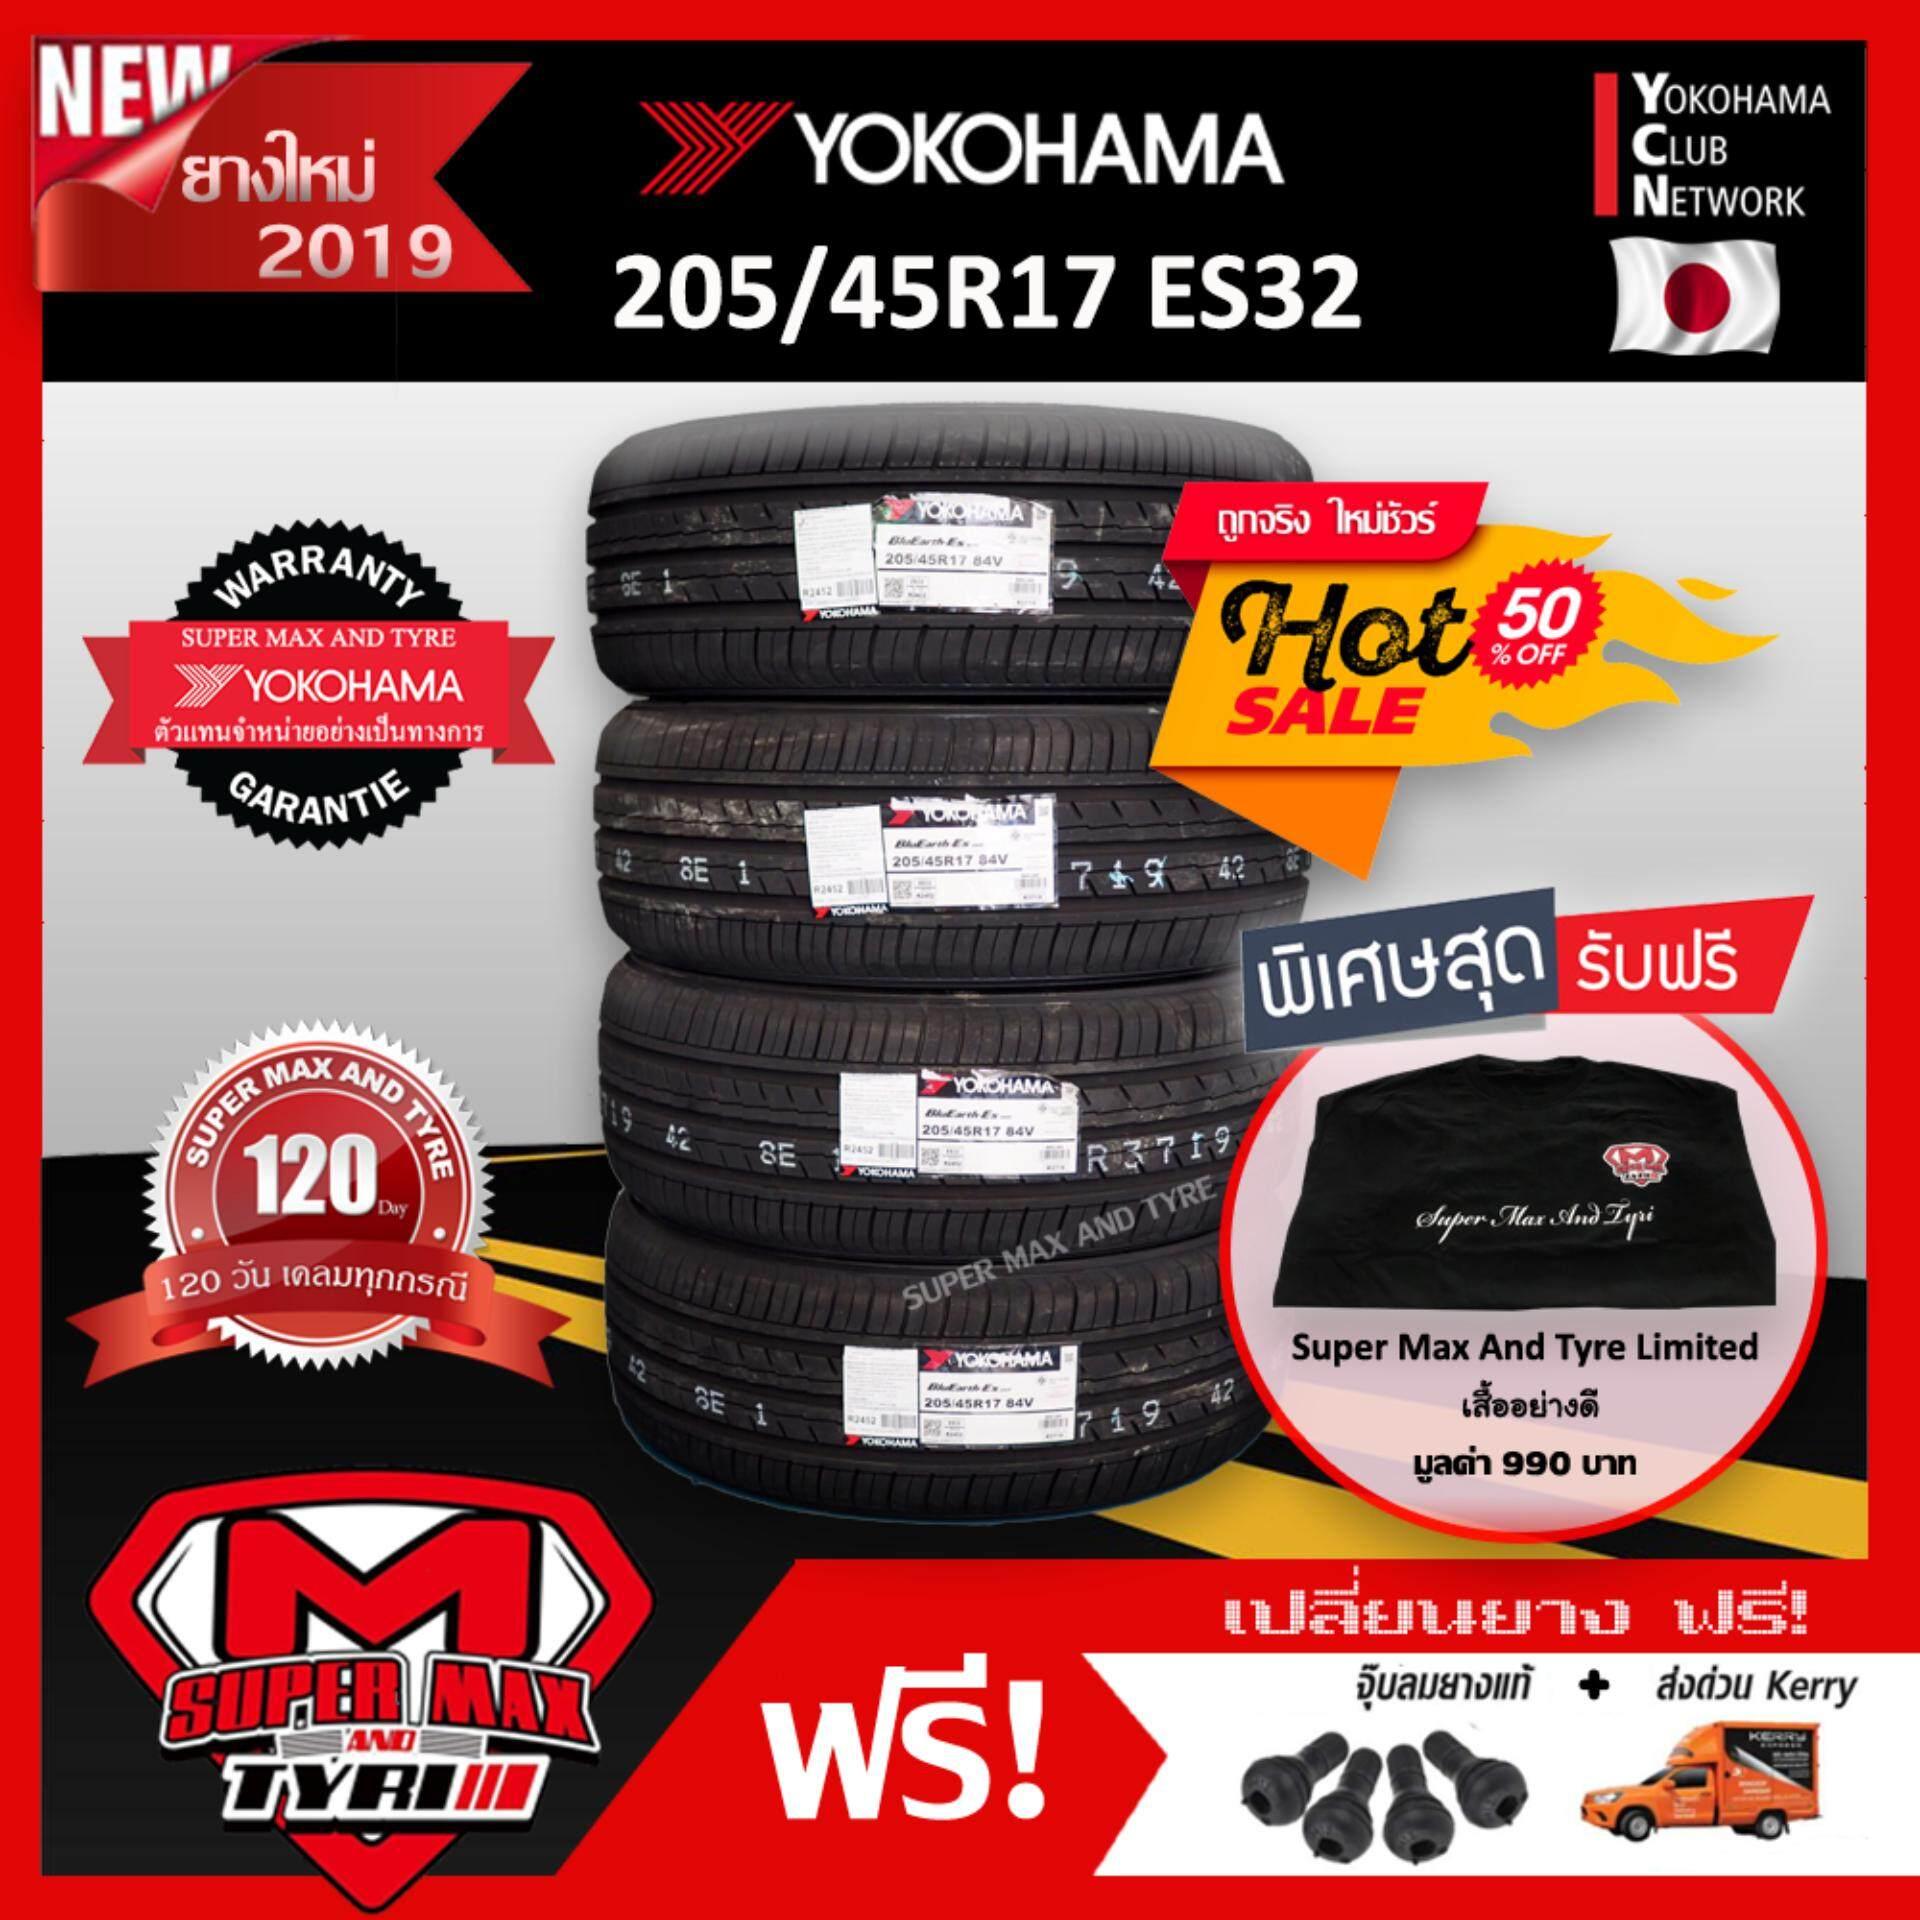 ประกันภัย รถยนต์ 3 พลัส ราคา ถูก พระนครศรีอยุธยา [จัดส่งฟรี] ยางนอก 4 เส้นราคาสุดคุ้ม Yokohama 205/45 R17 (ขอบ17) ยางรถยนต์ รุ่น BluEarth ES32 (Made in Japan) ยางใหม่ 2019 จำนวน 4 เส้น